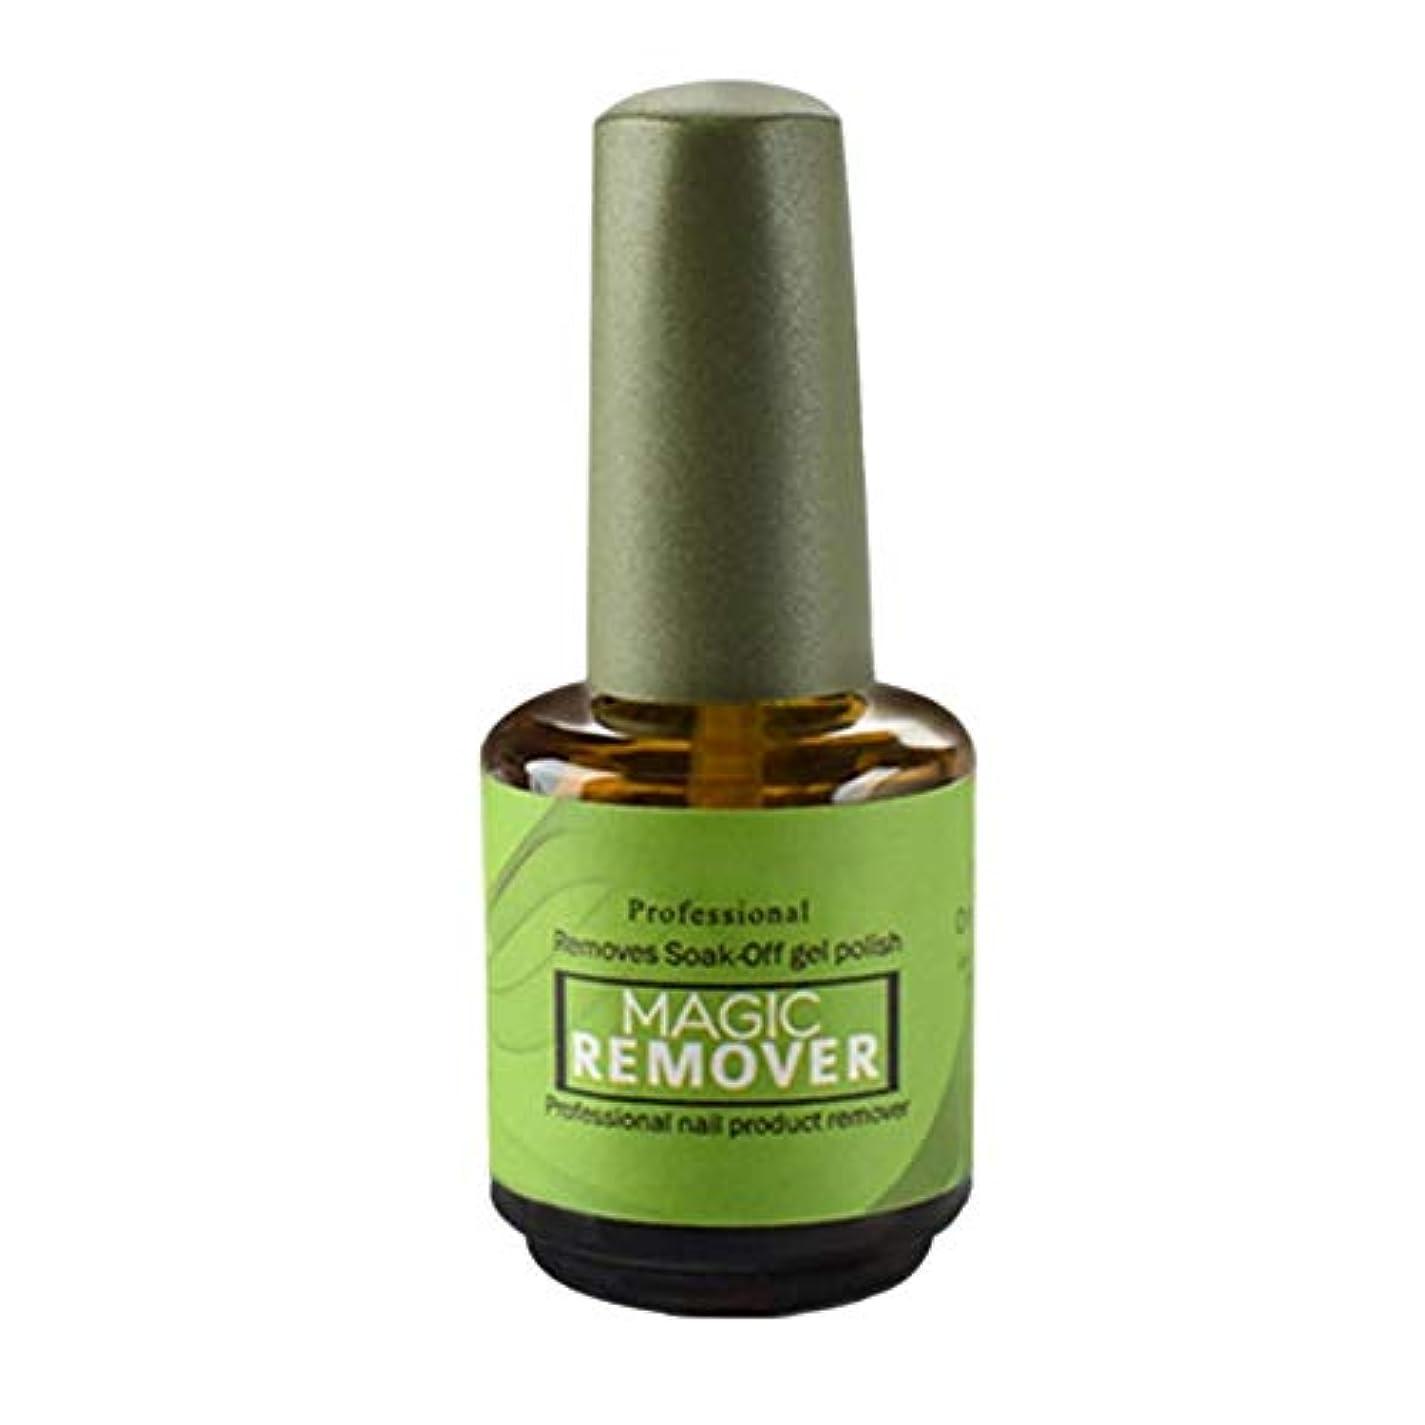 賞賛するジョガーベーカリーGorgeou マジックリムーバーがネイルポリッシュを拭き取ると、ジェルプロフェッショナルバーストクリーン脱脂剤が除去されます